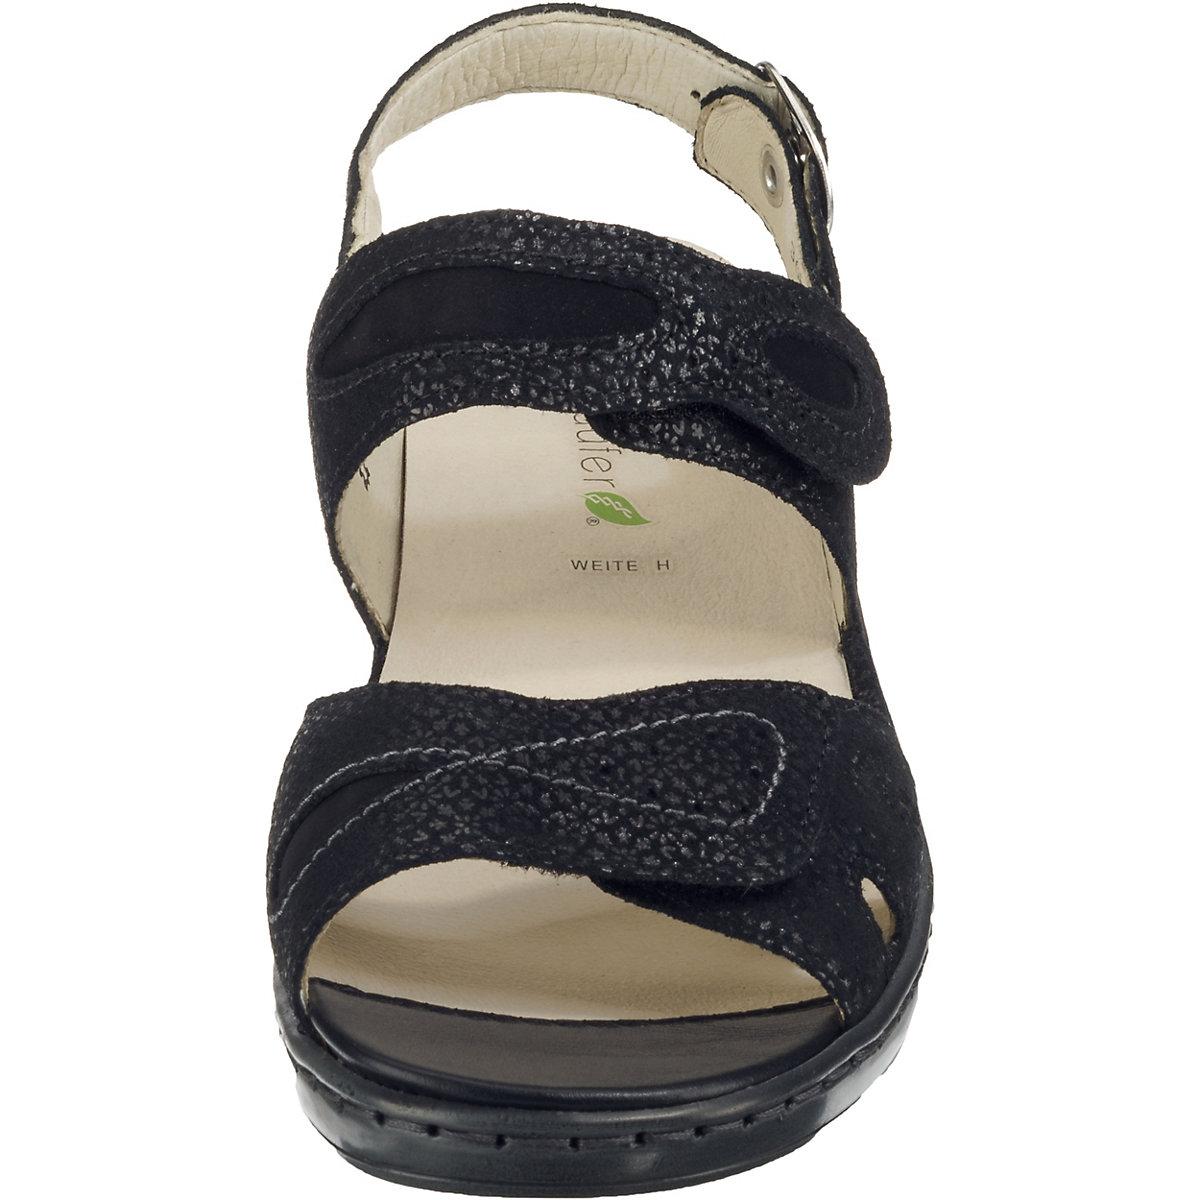 WALDLÄUFER, Hetta Klassische Sandaletten, schwarz